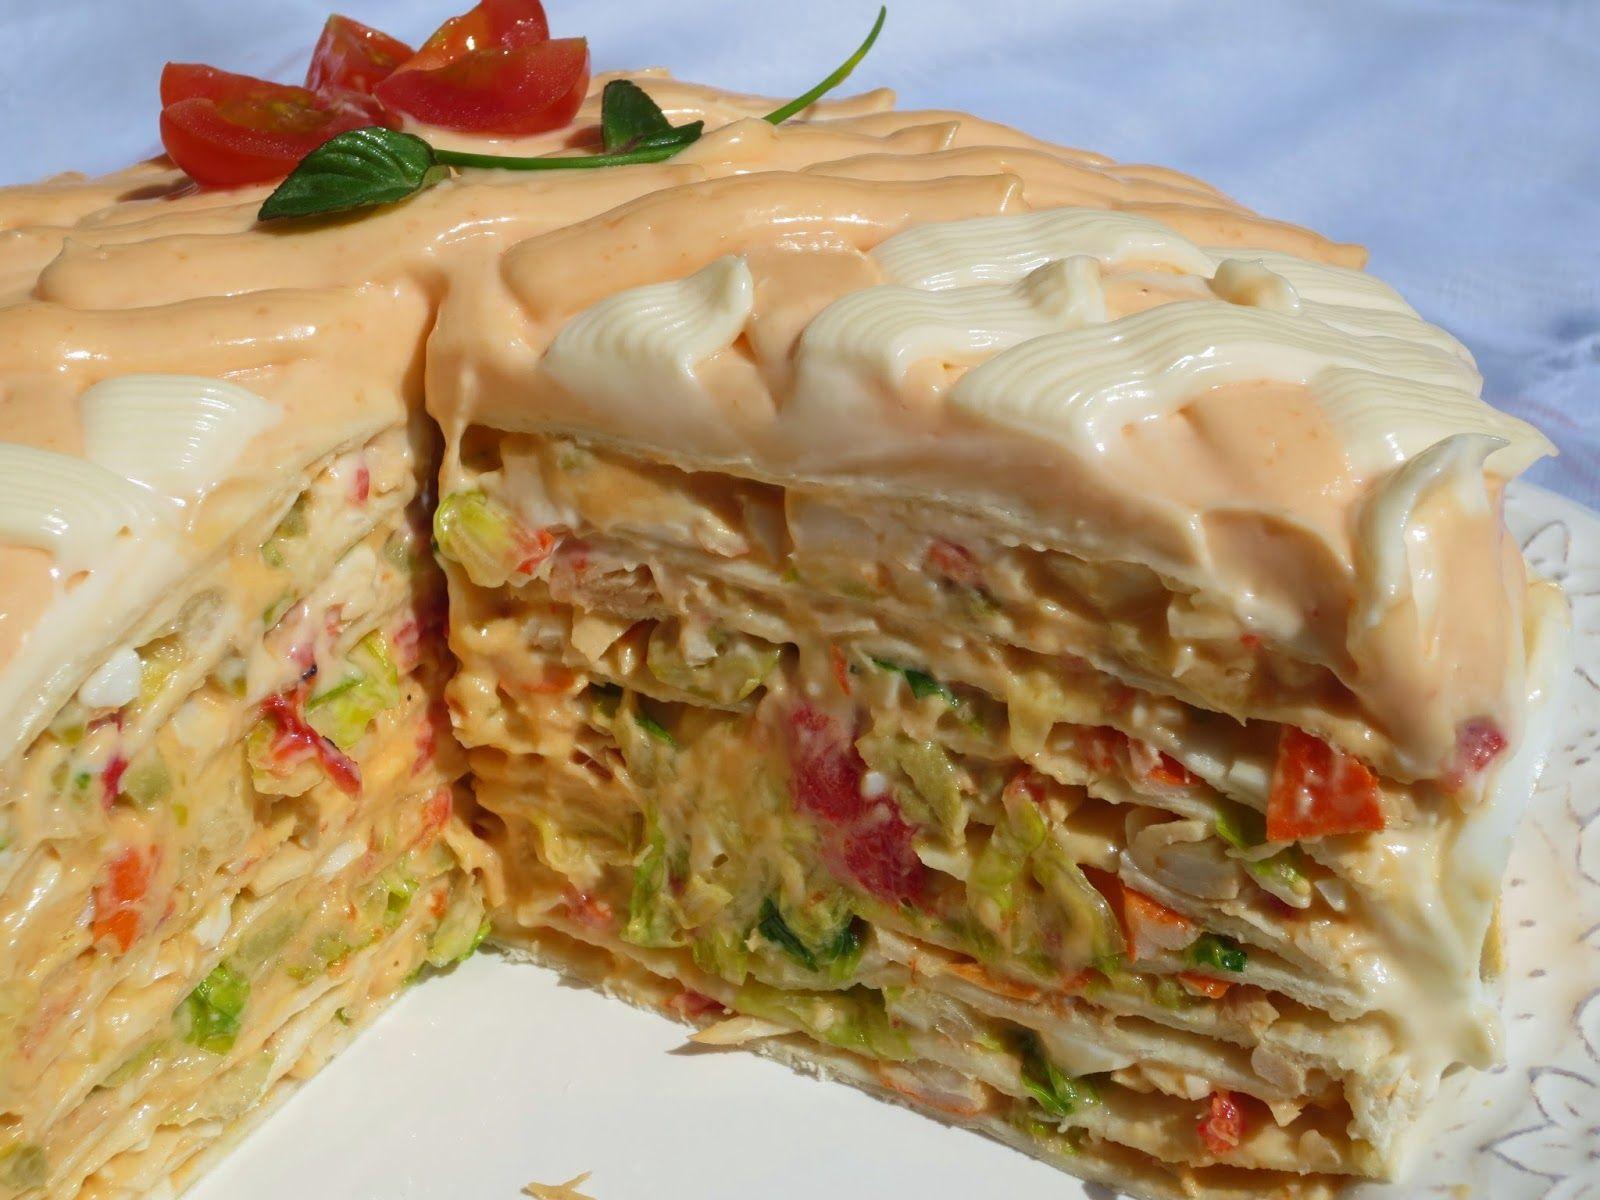 Blog con recetas sencillas r pidas y econ micas de for Cenas rapidas y economicas